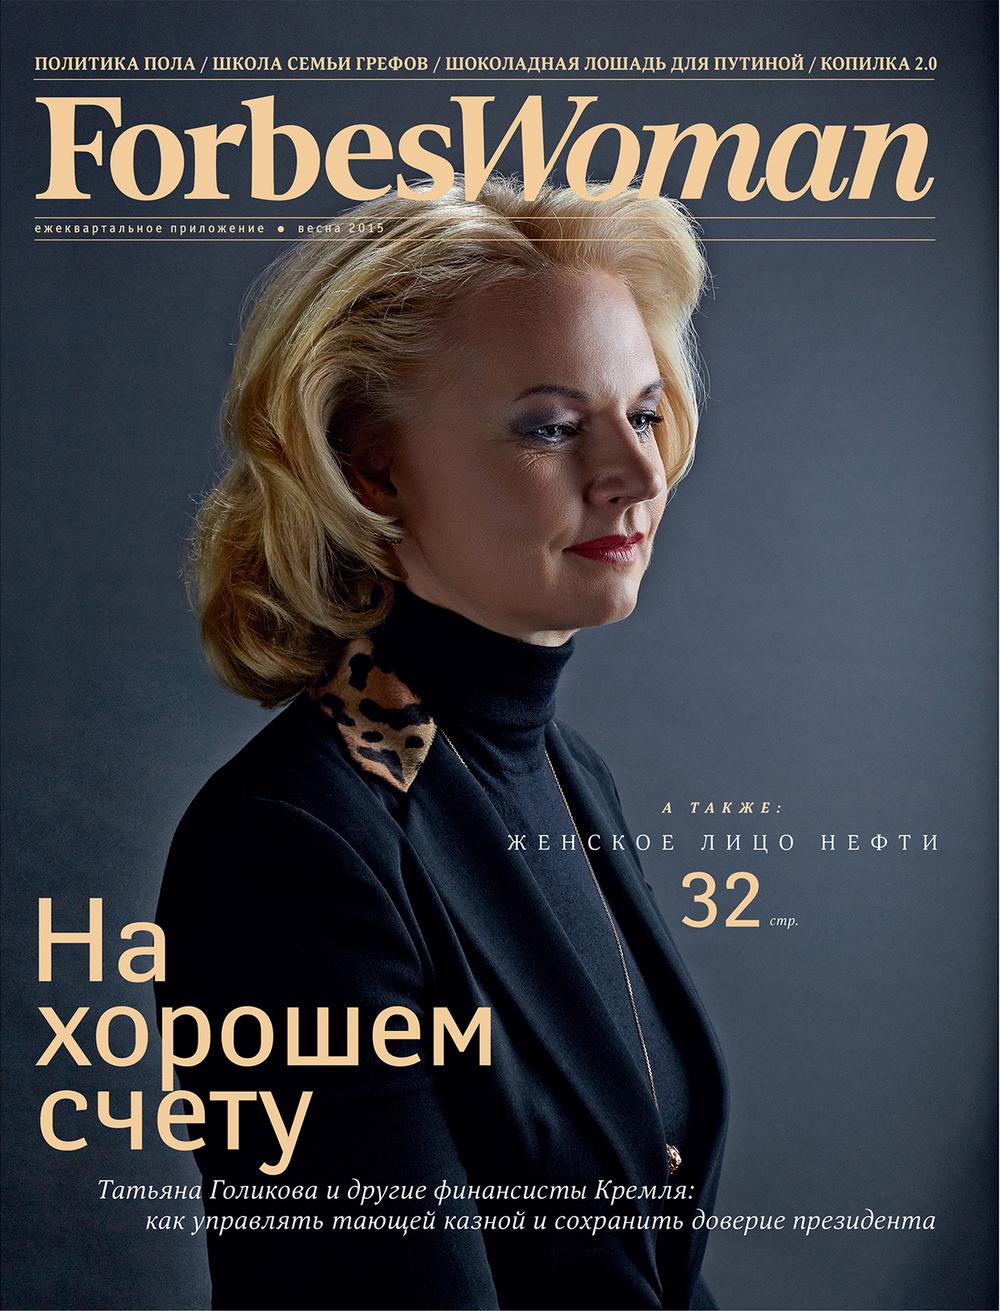 Front_cover_spot.jpg